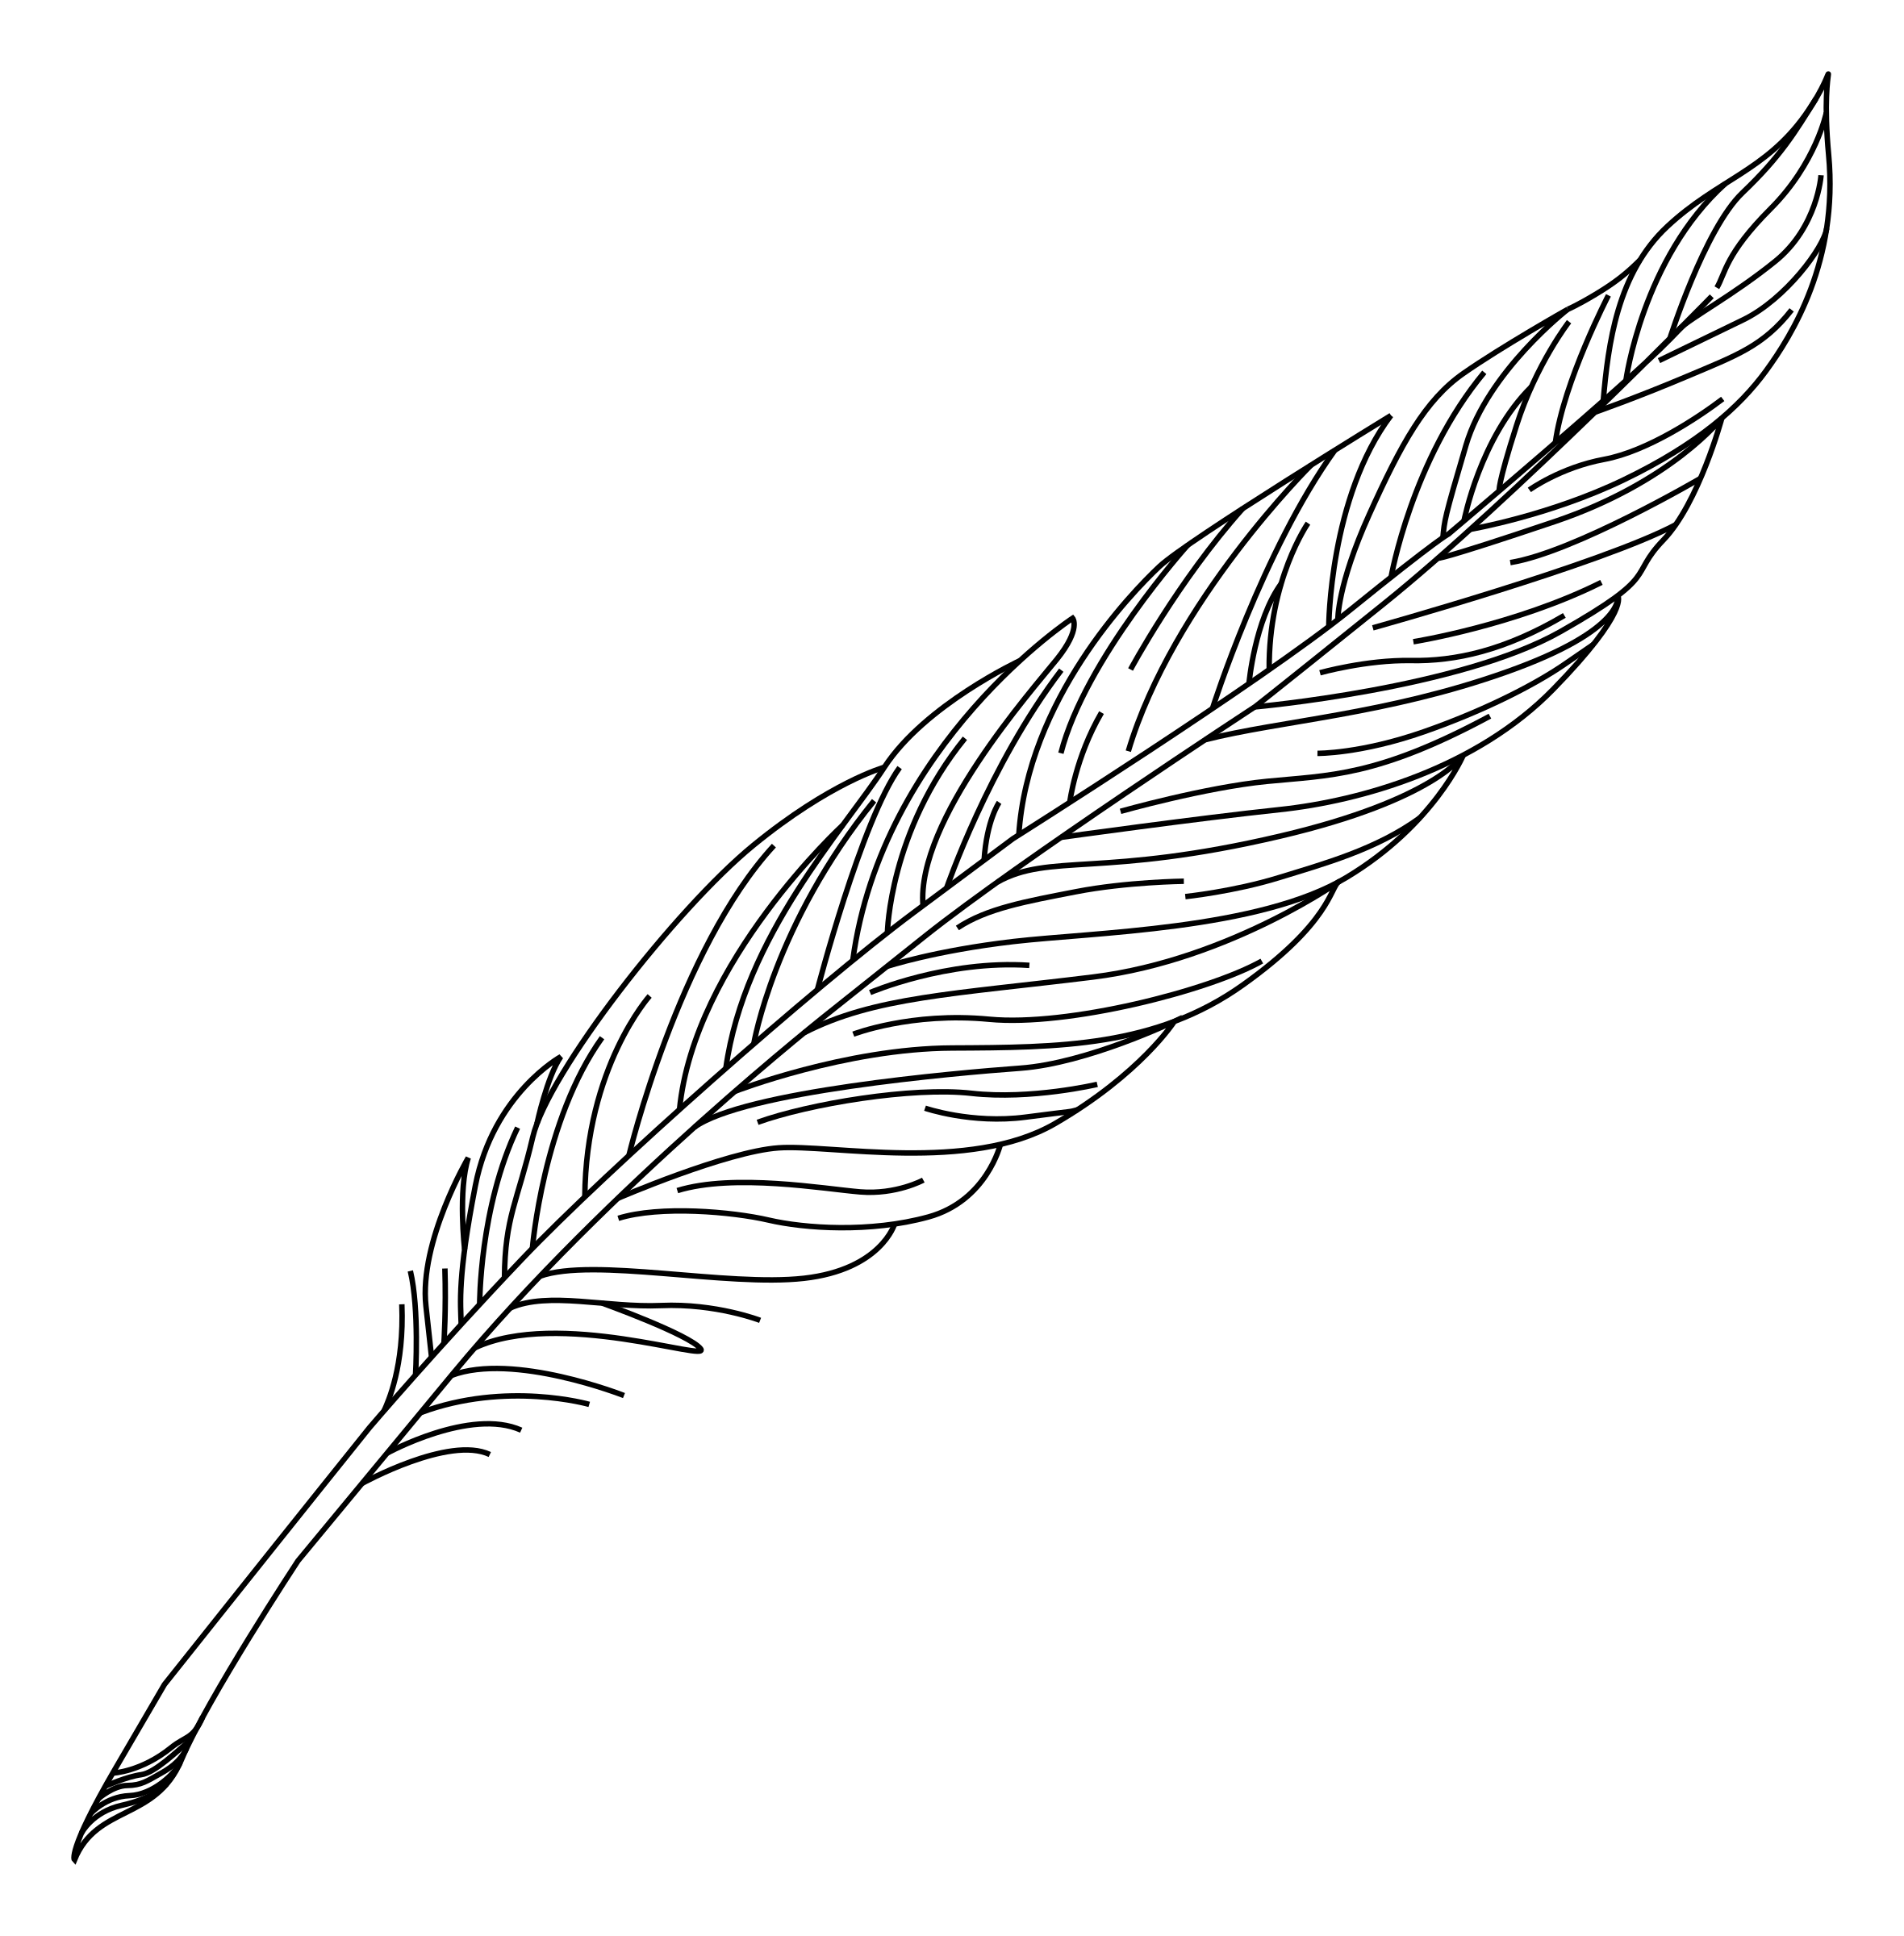 Clipart Schreibfeder